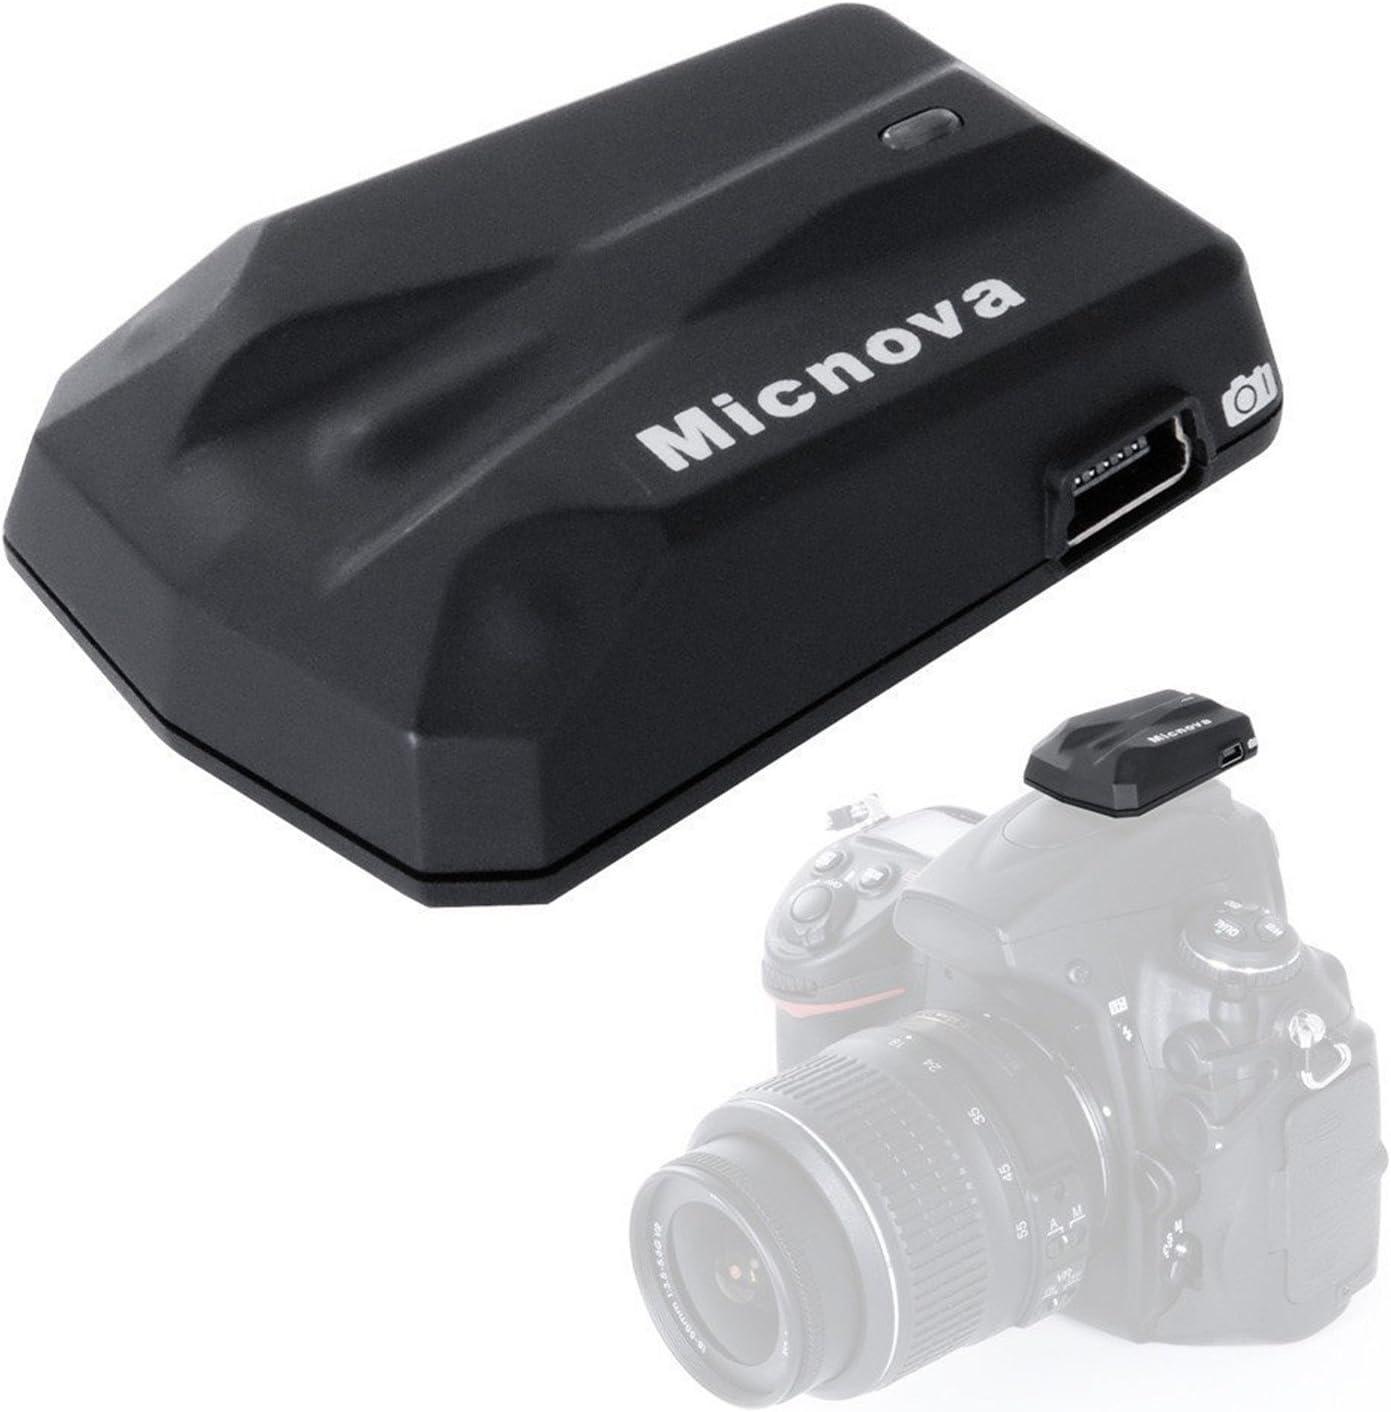 Micnova GPS-N Plus - Receptor GPS de Alta precisión para cámara Nikon D3100, D3200, D3300, D5000, D5100, D5200, D5300, D7000, D7100, D600, D610, D800, D810, D700, D750, D90, D4, D3, etc.